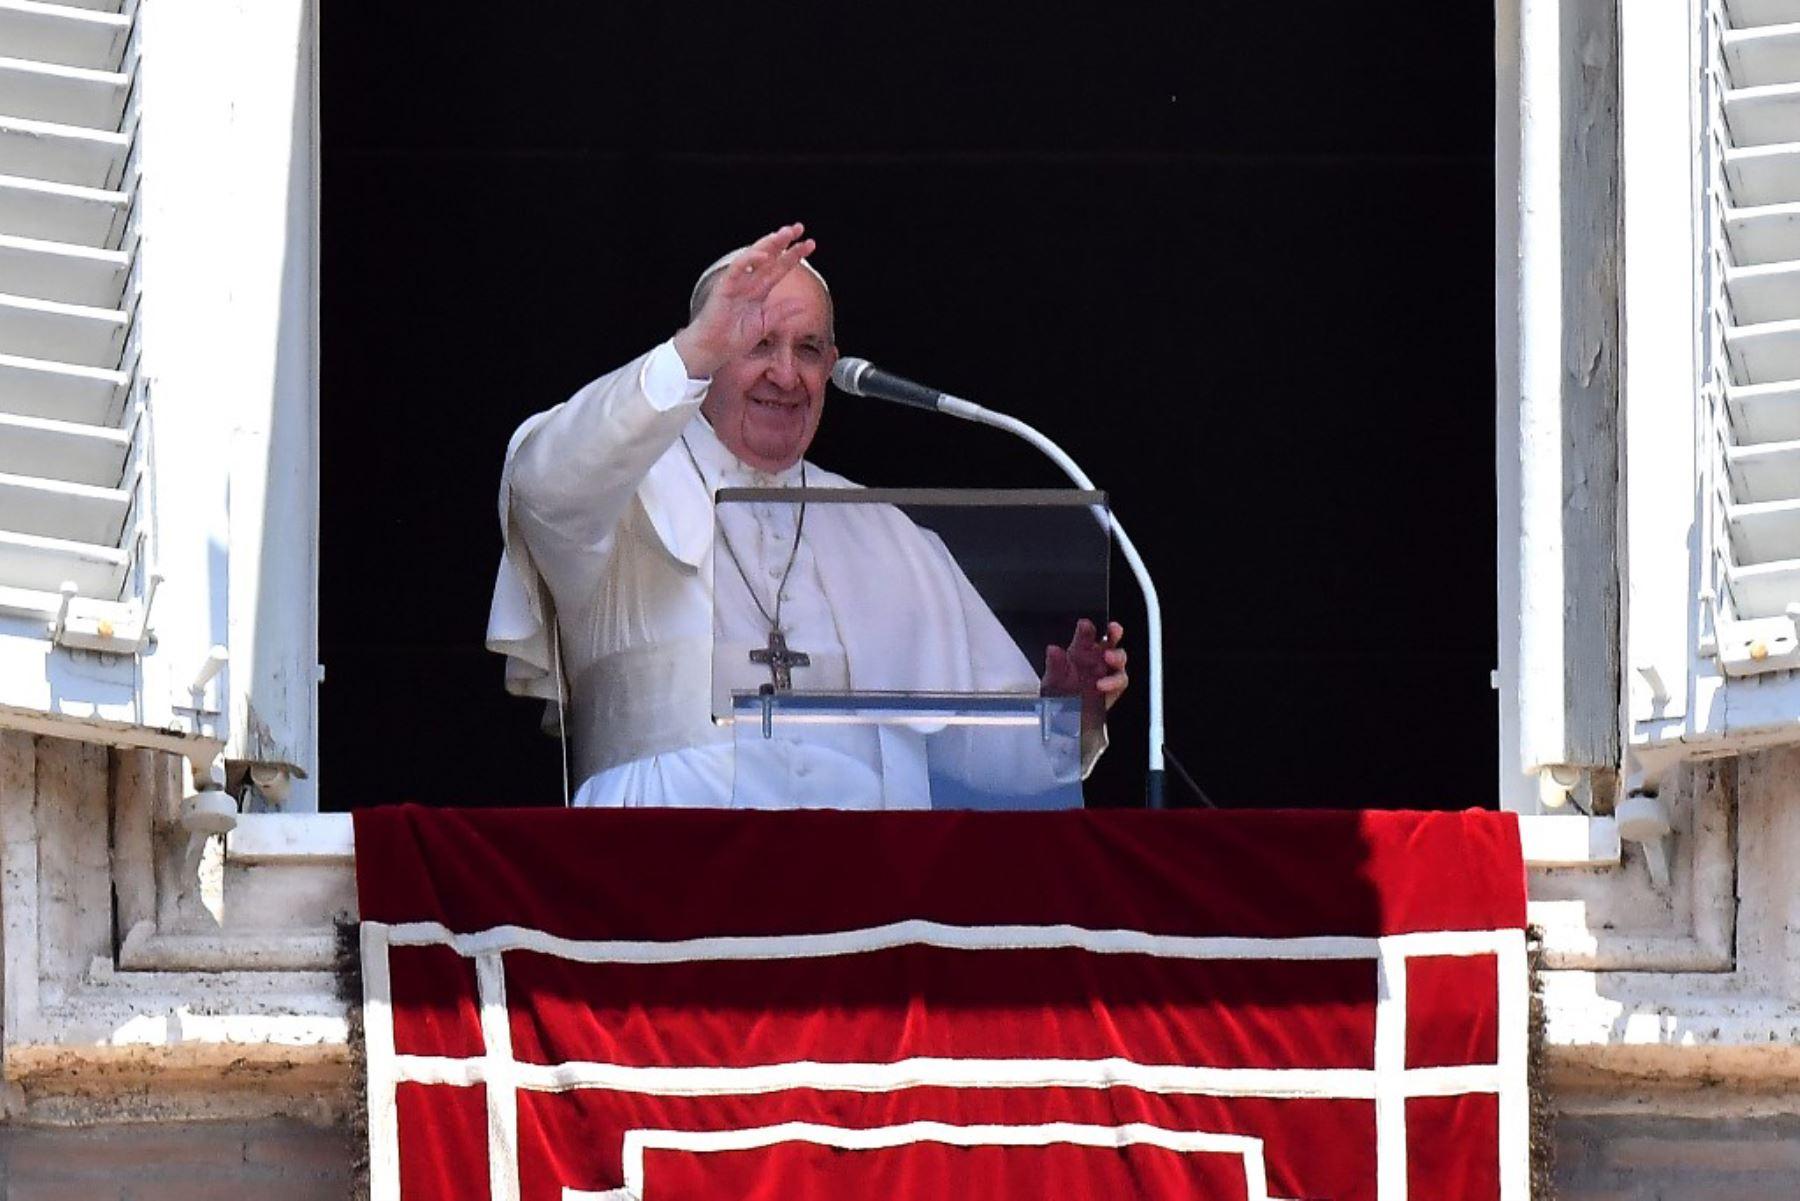 El Papa Francisco saluda a los fieles en la Plaza de San Pedro en el Vaticano, durante la oración semanal del Ángelus, mientras la ciudad-estado alivia su bloqueo para frenar la propagación del covid-19. Foto: AFP